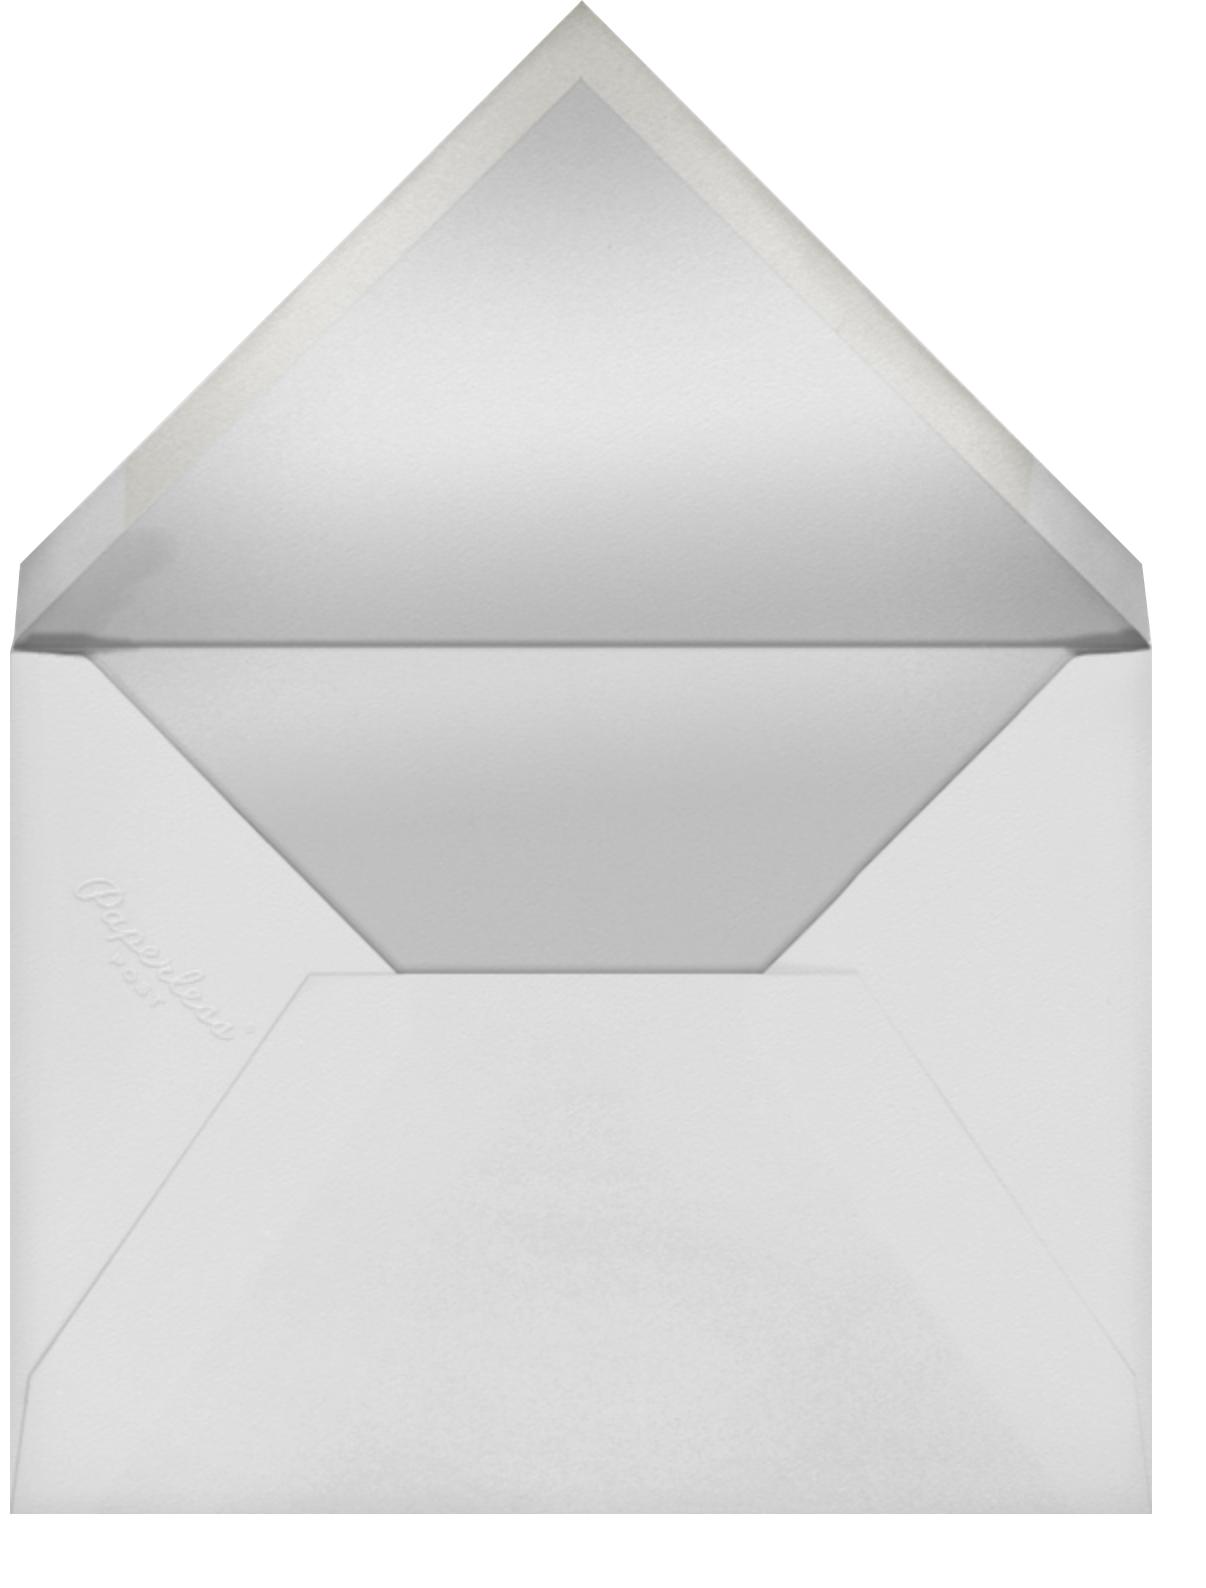 City Panoramic (Menu) - Ivory - Paperless Post - Menus and programs - envelope back